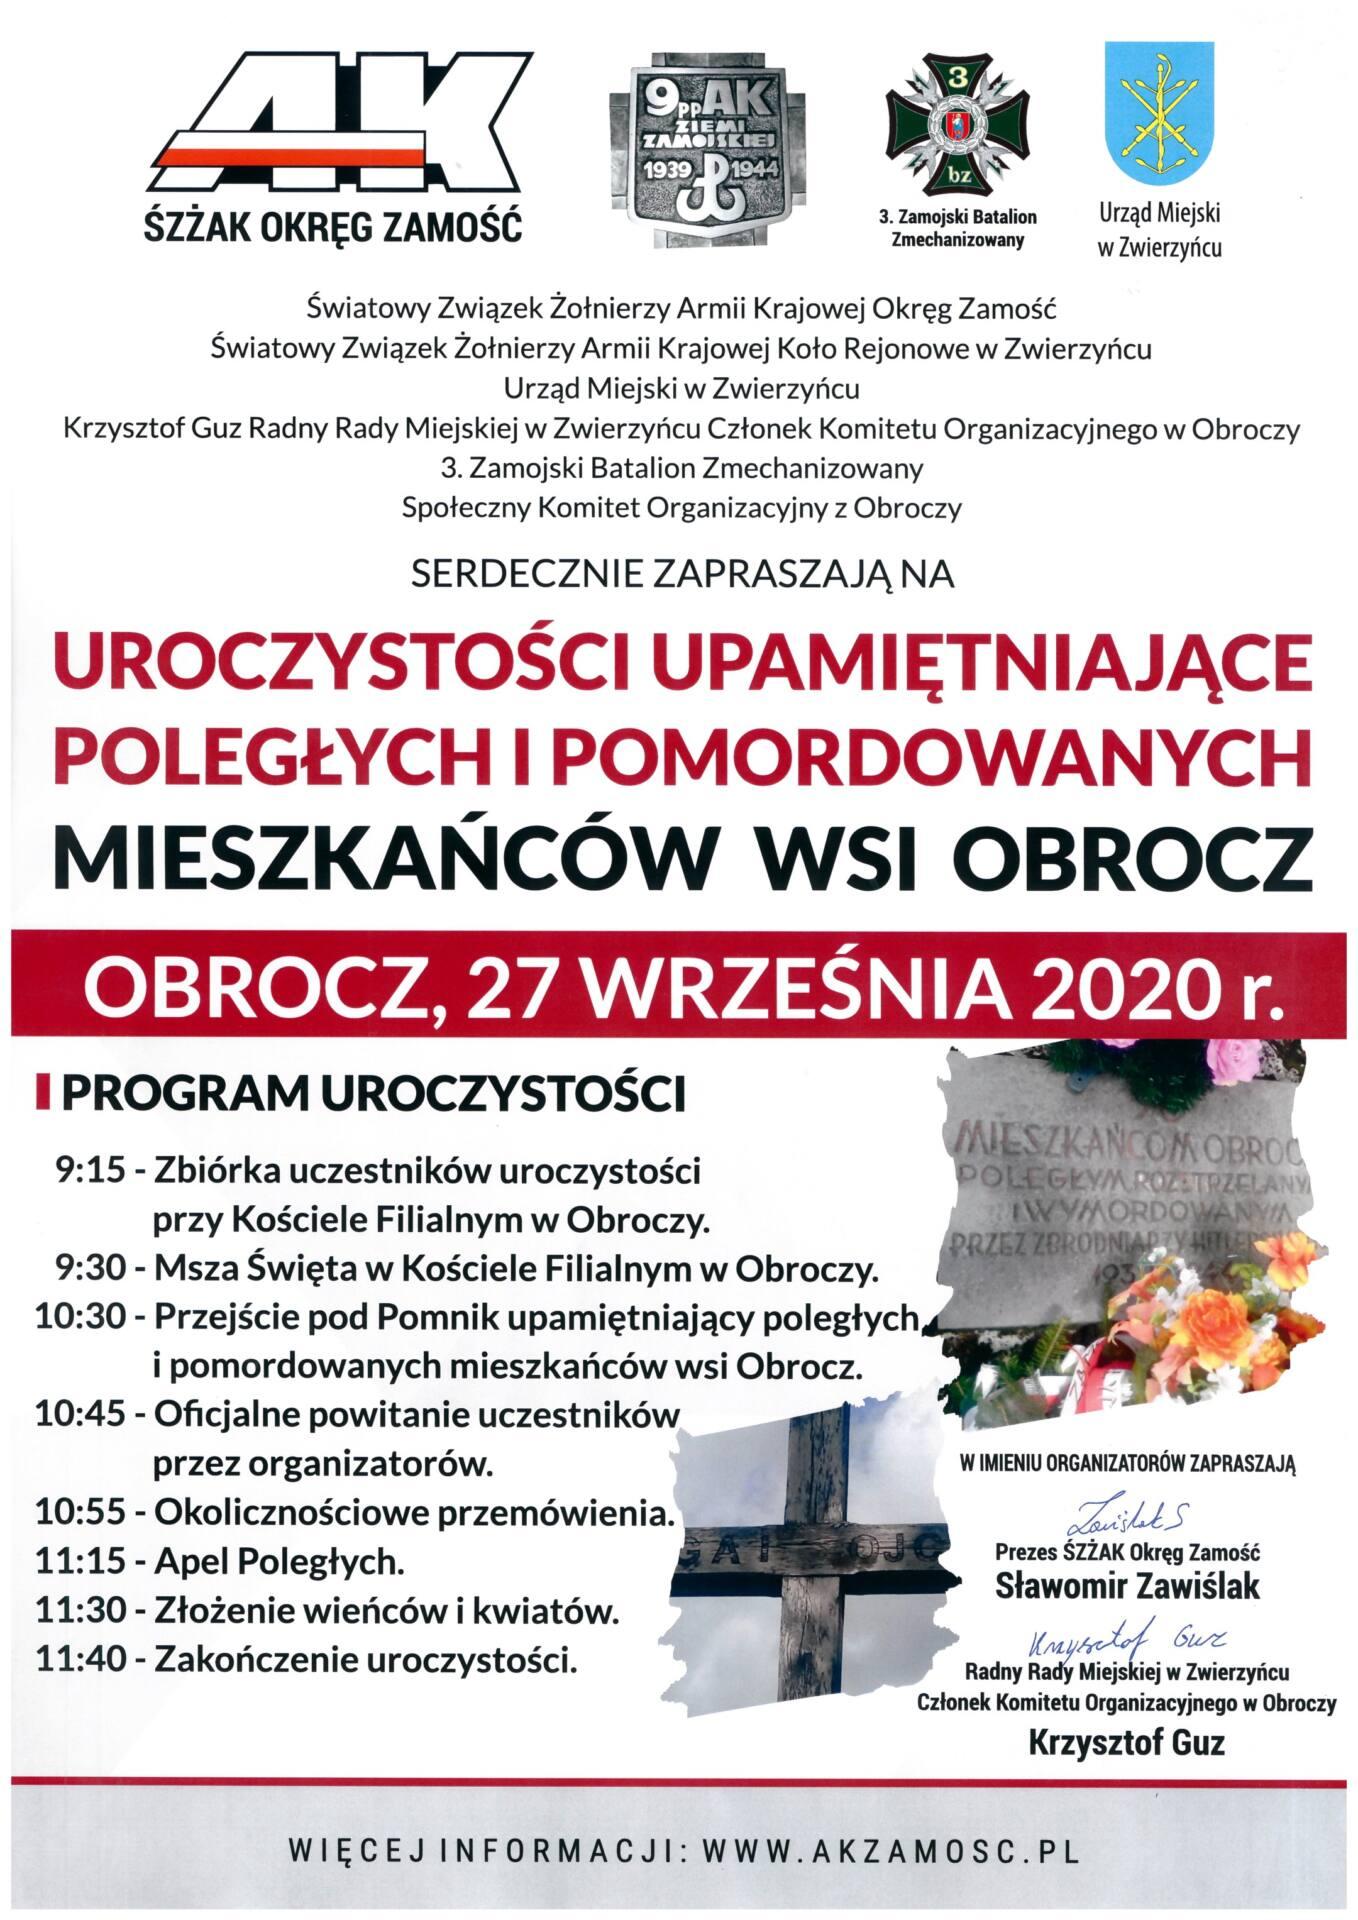 plakat 8 Uroczystości Upamiętniające Poległych i Pomordowanych Mieszkańców Wsi